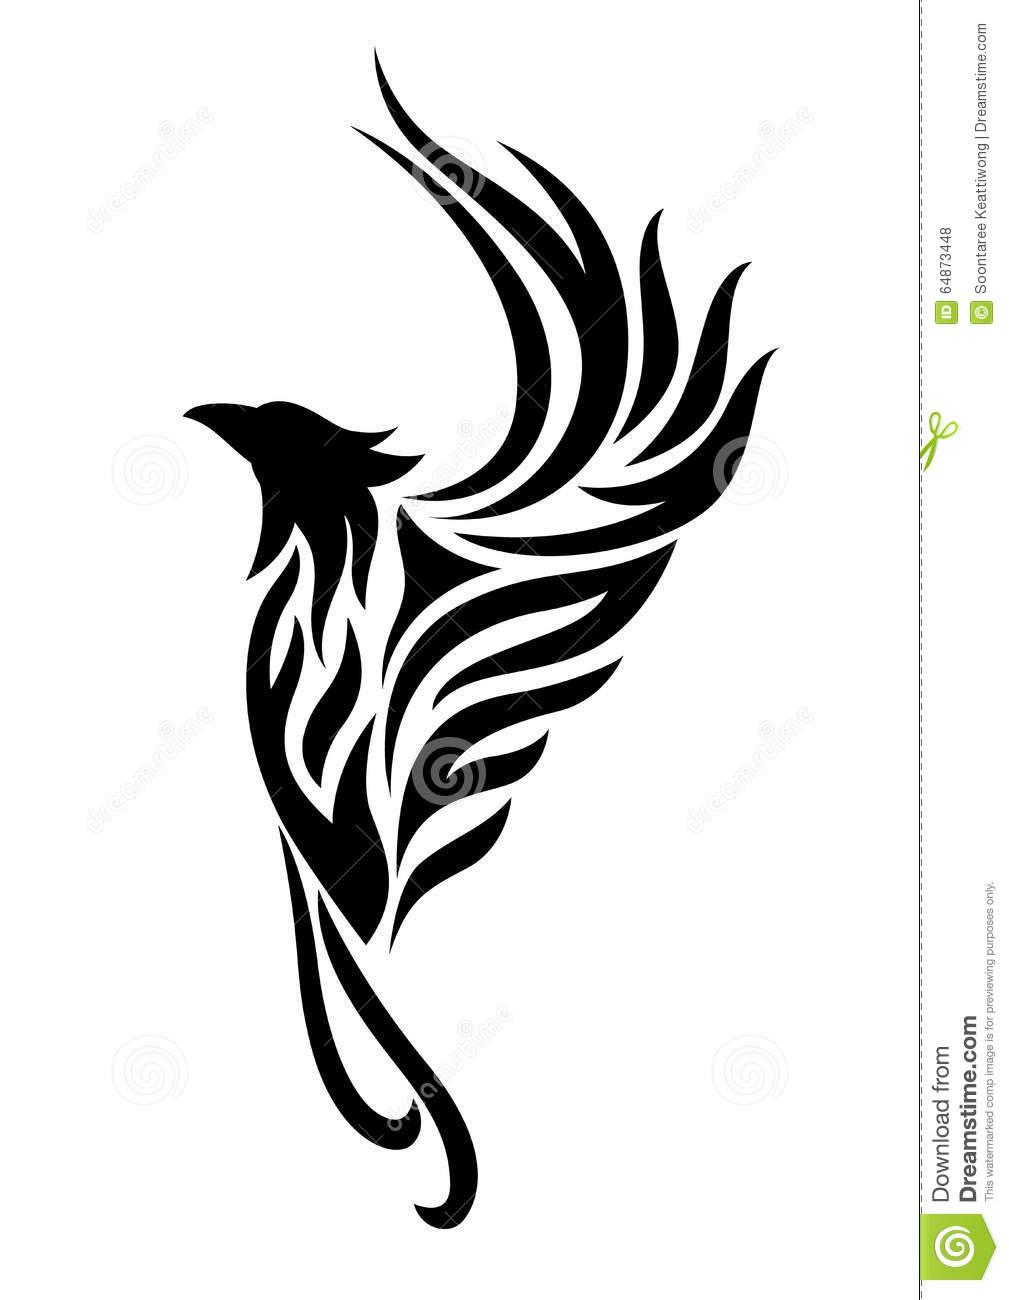 Phoenix tattoo clipart